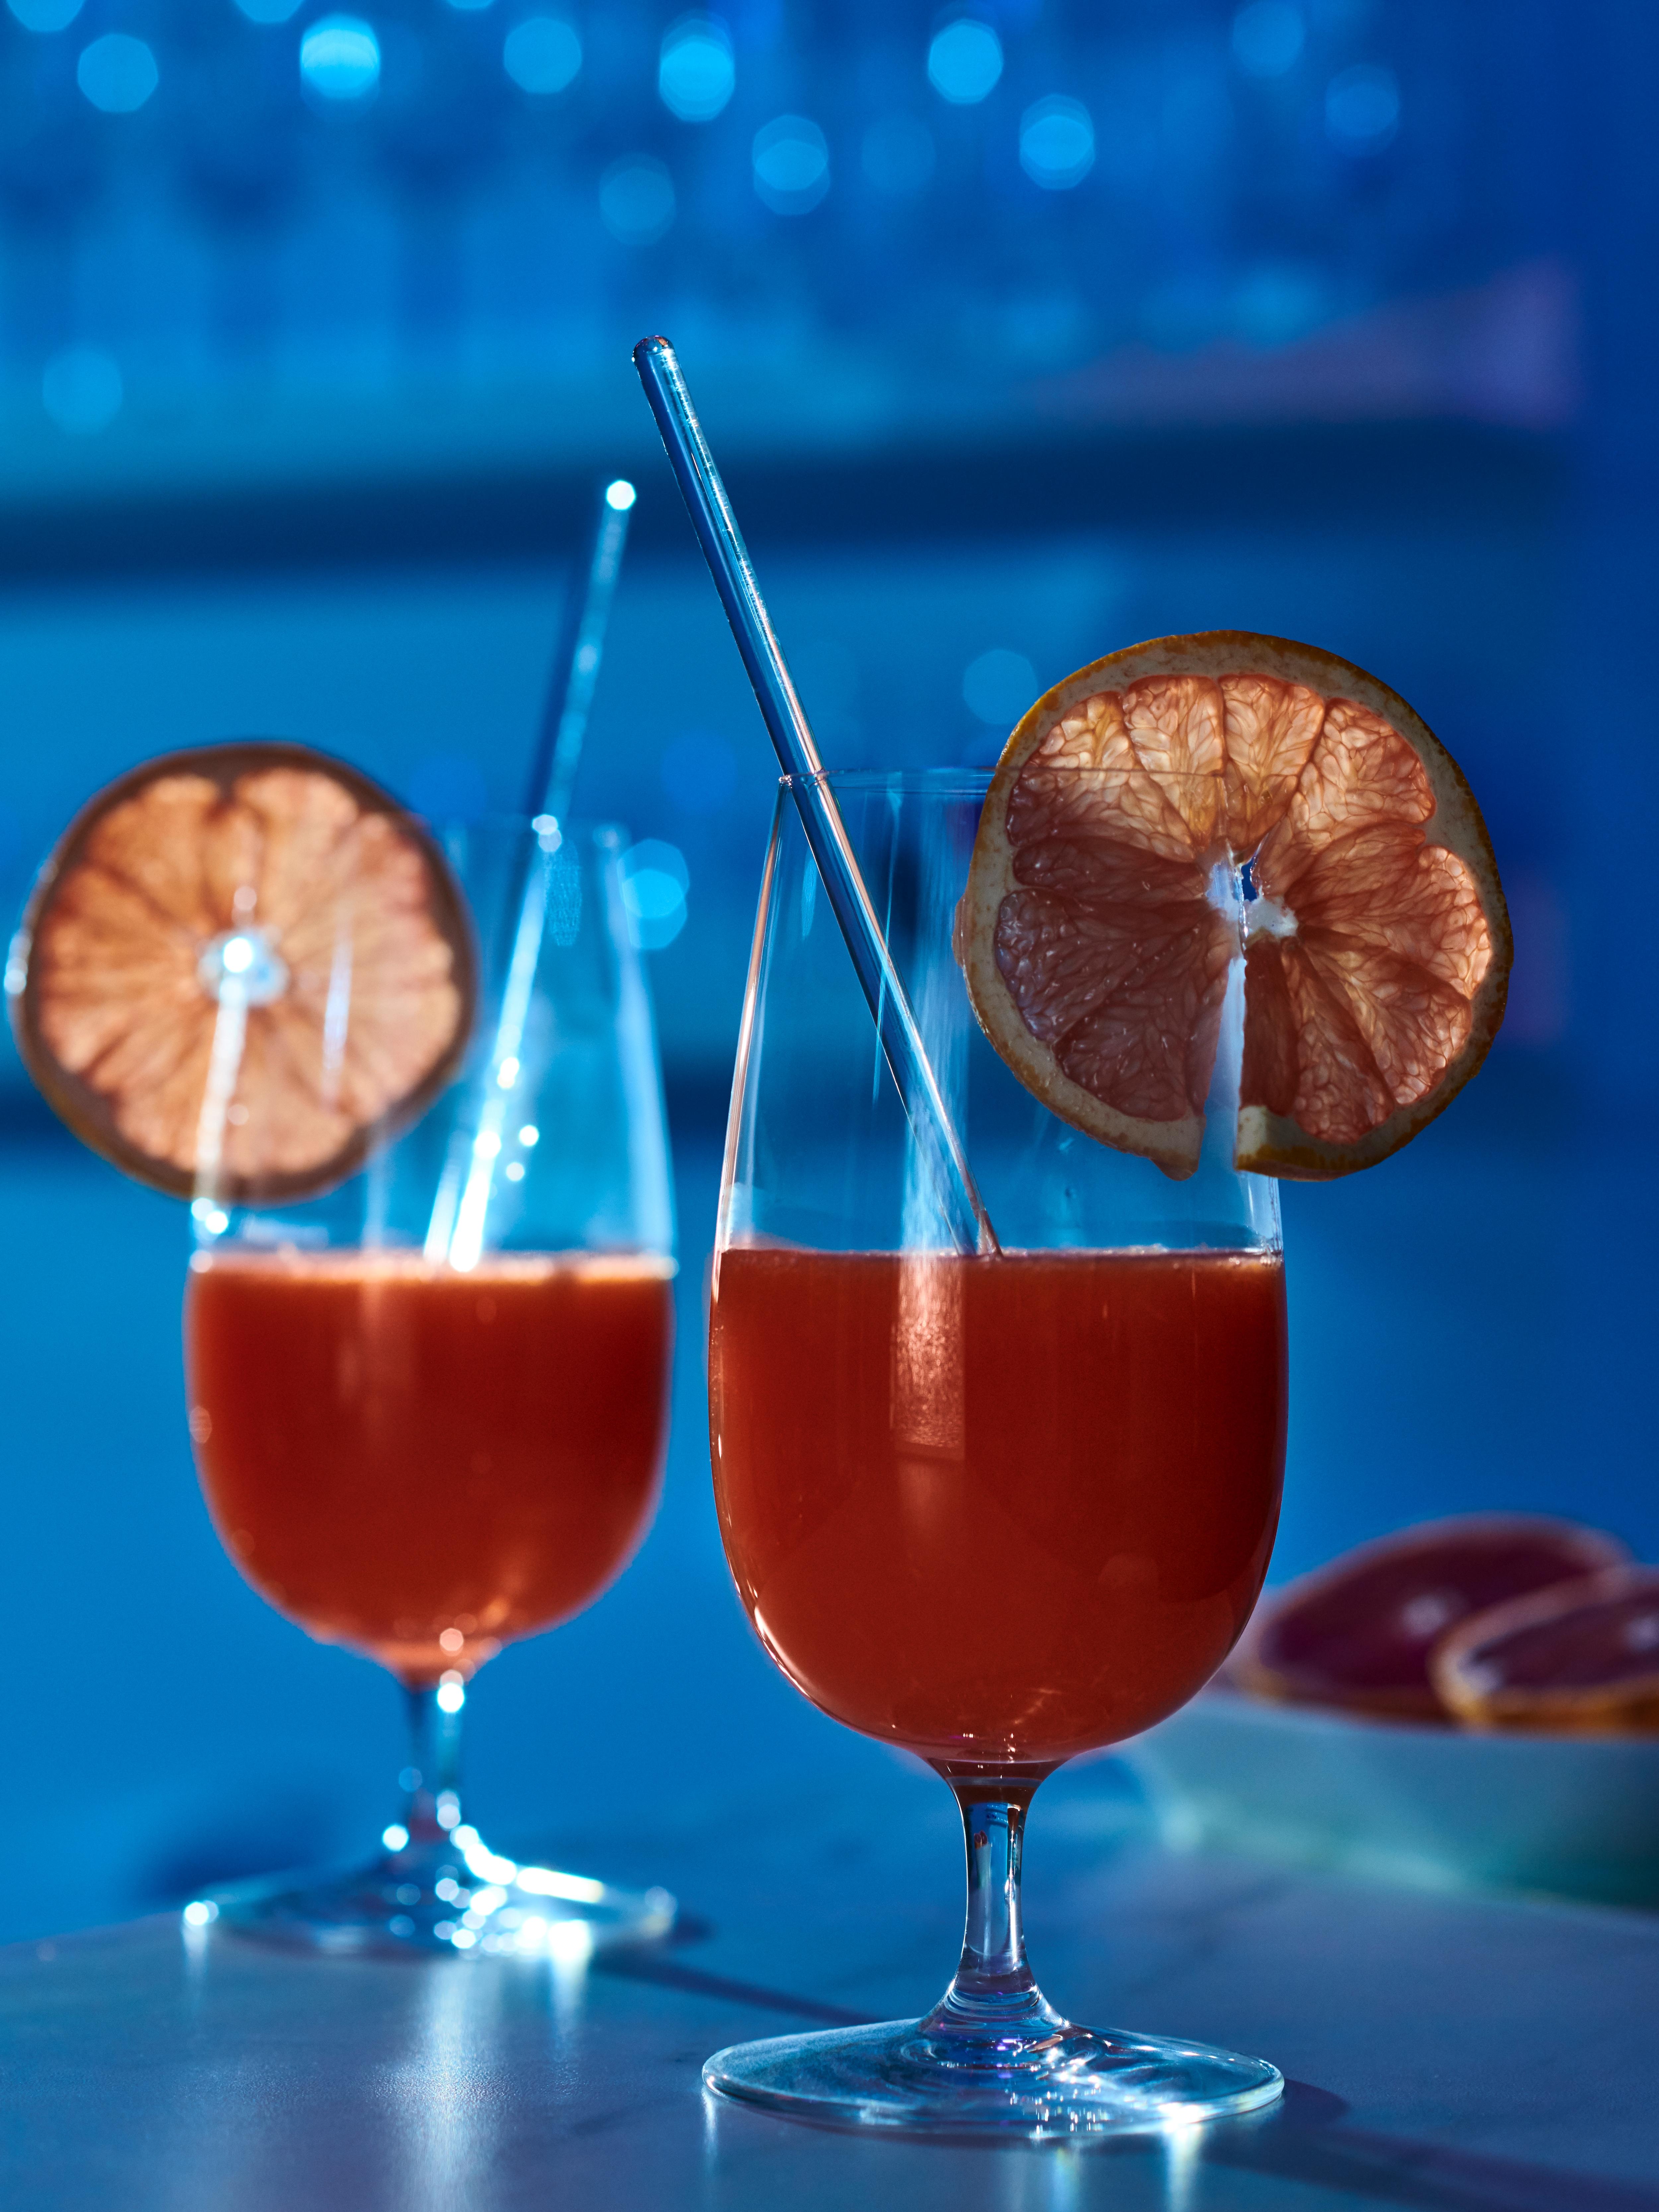 Prostorija obasjana plavim svetlom. Dve STORSINT pivske čaše sa stopom sa sokom od crvene narandže i kriškom voća na obodu.